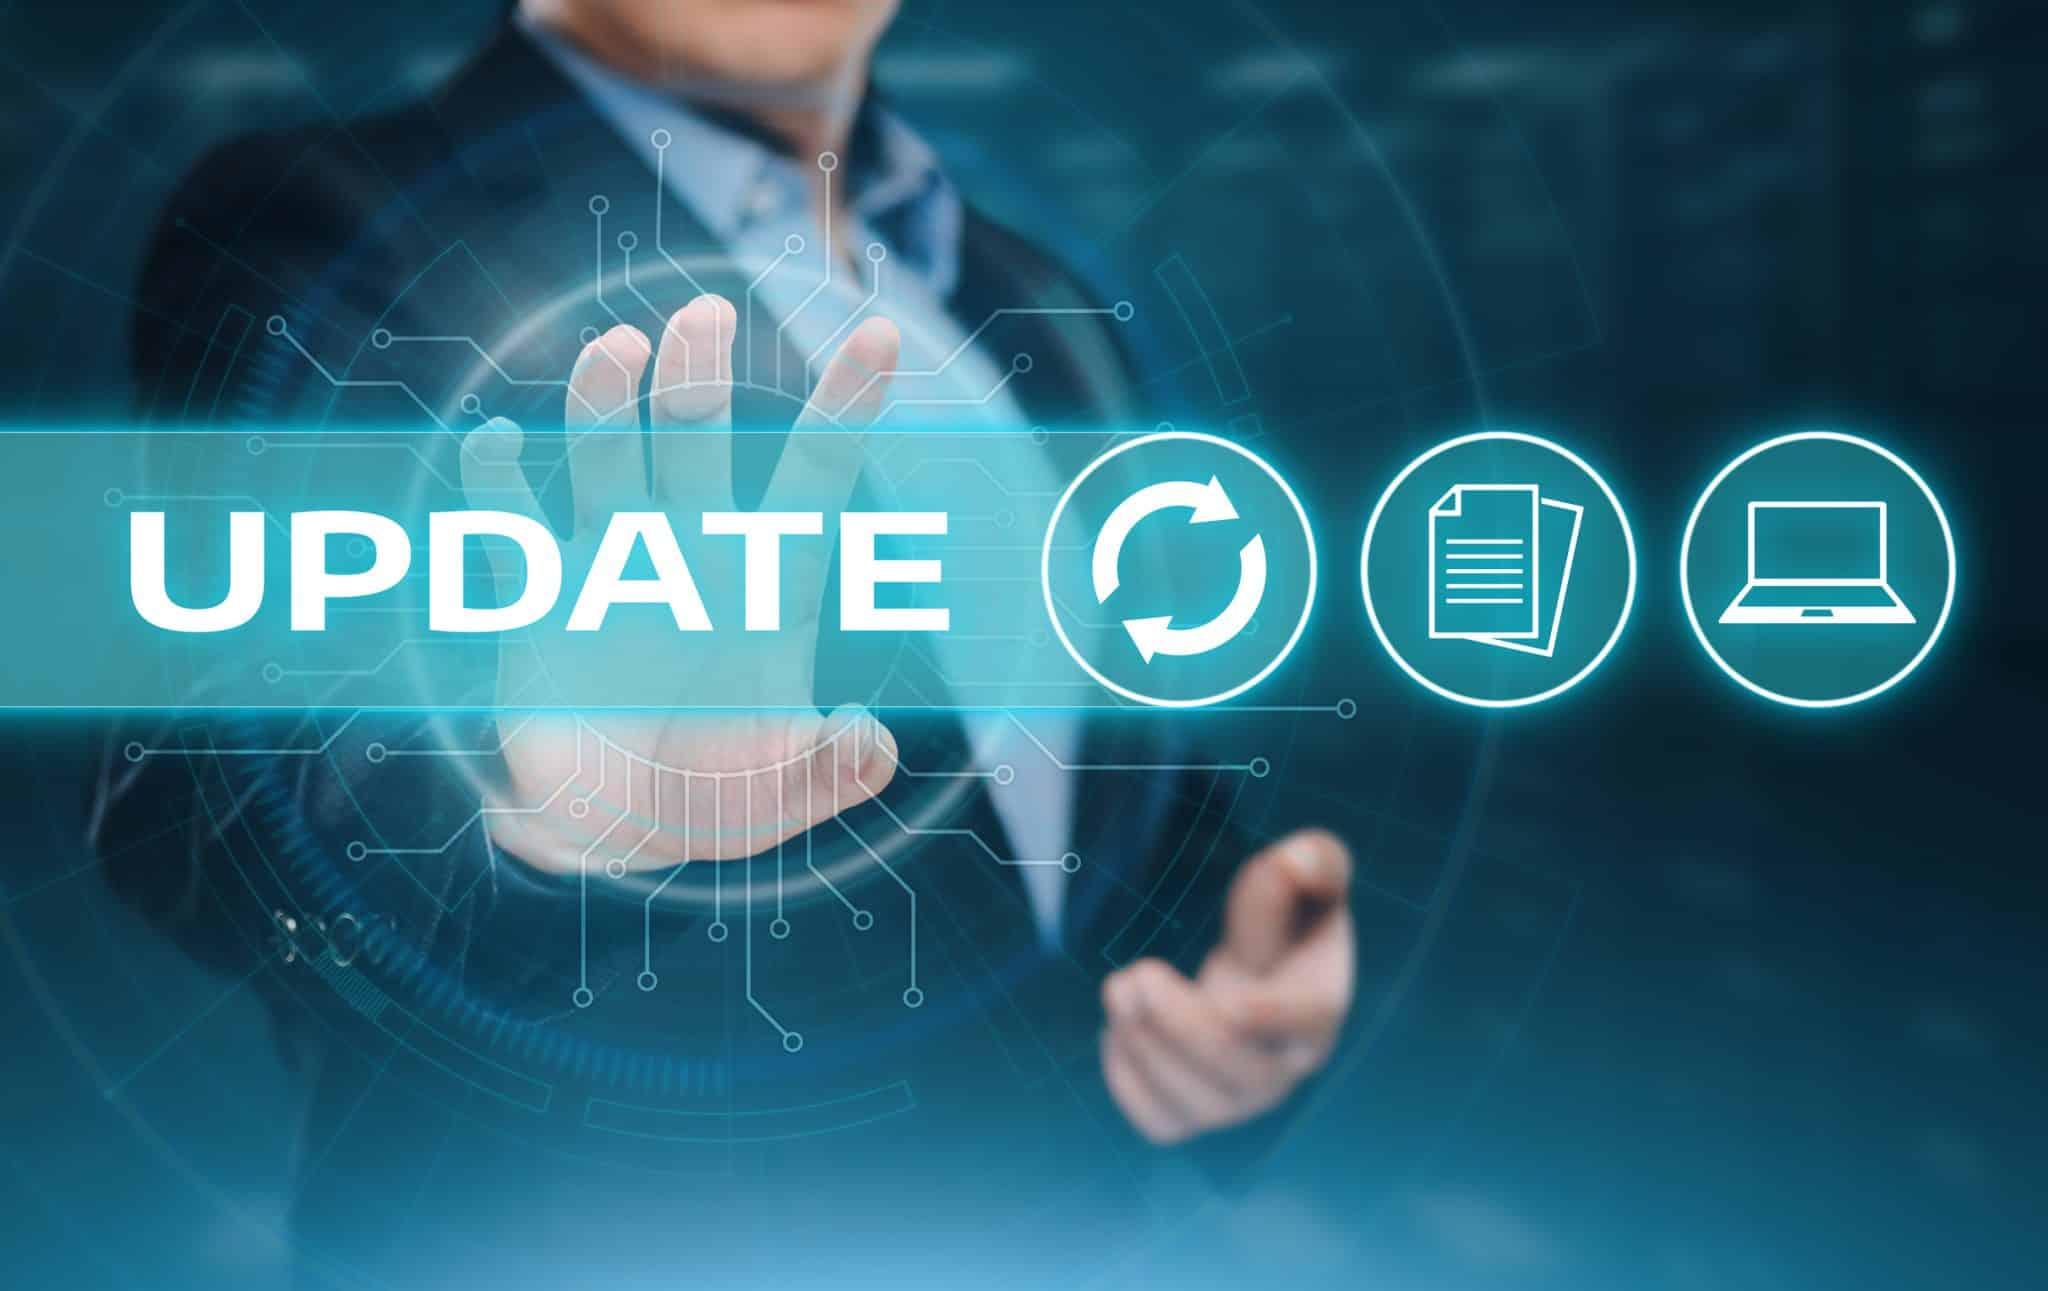 Neues Seminar zur Digitalisierung des B2B Vertriebs - S&P